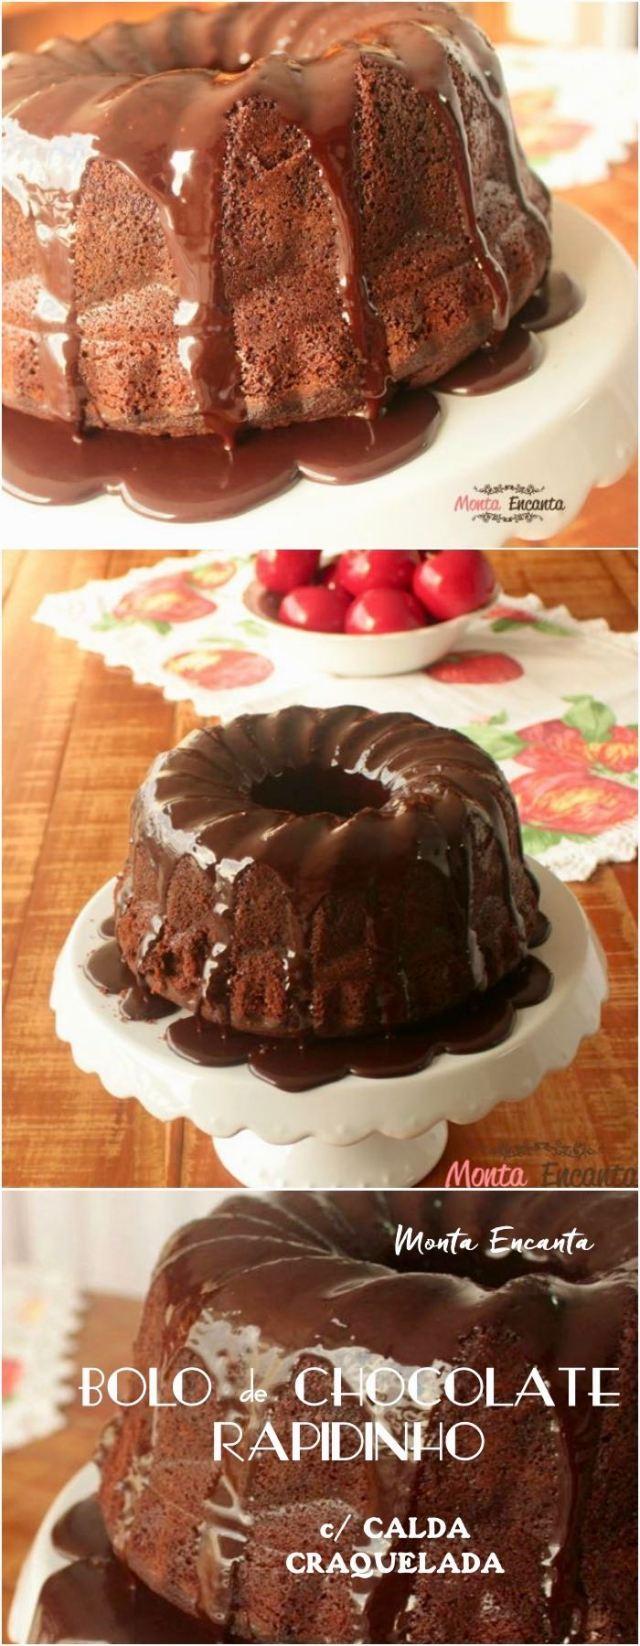 bolo de chocolate rapidinho